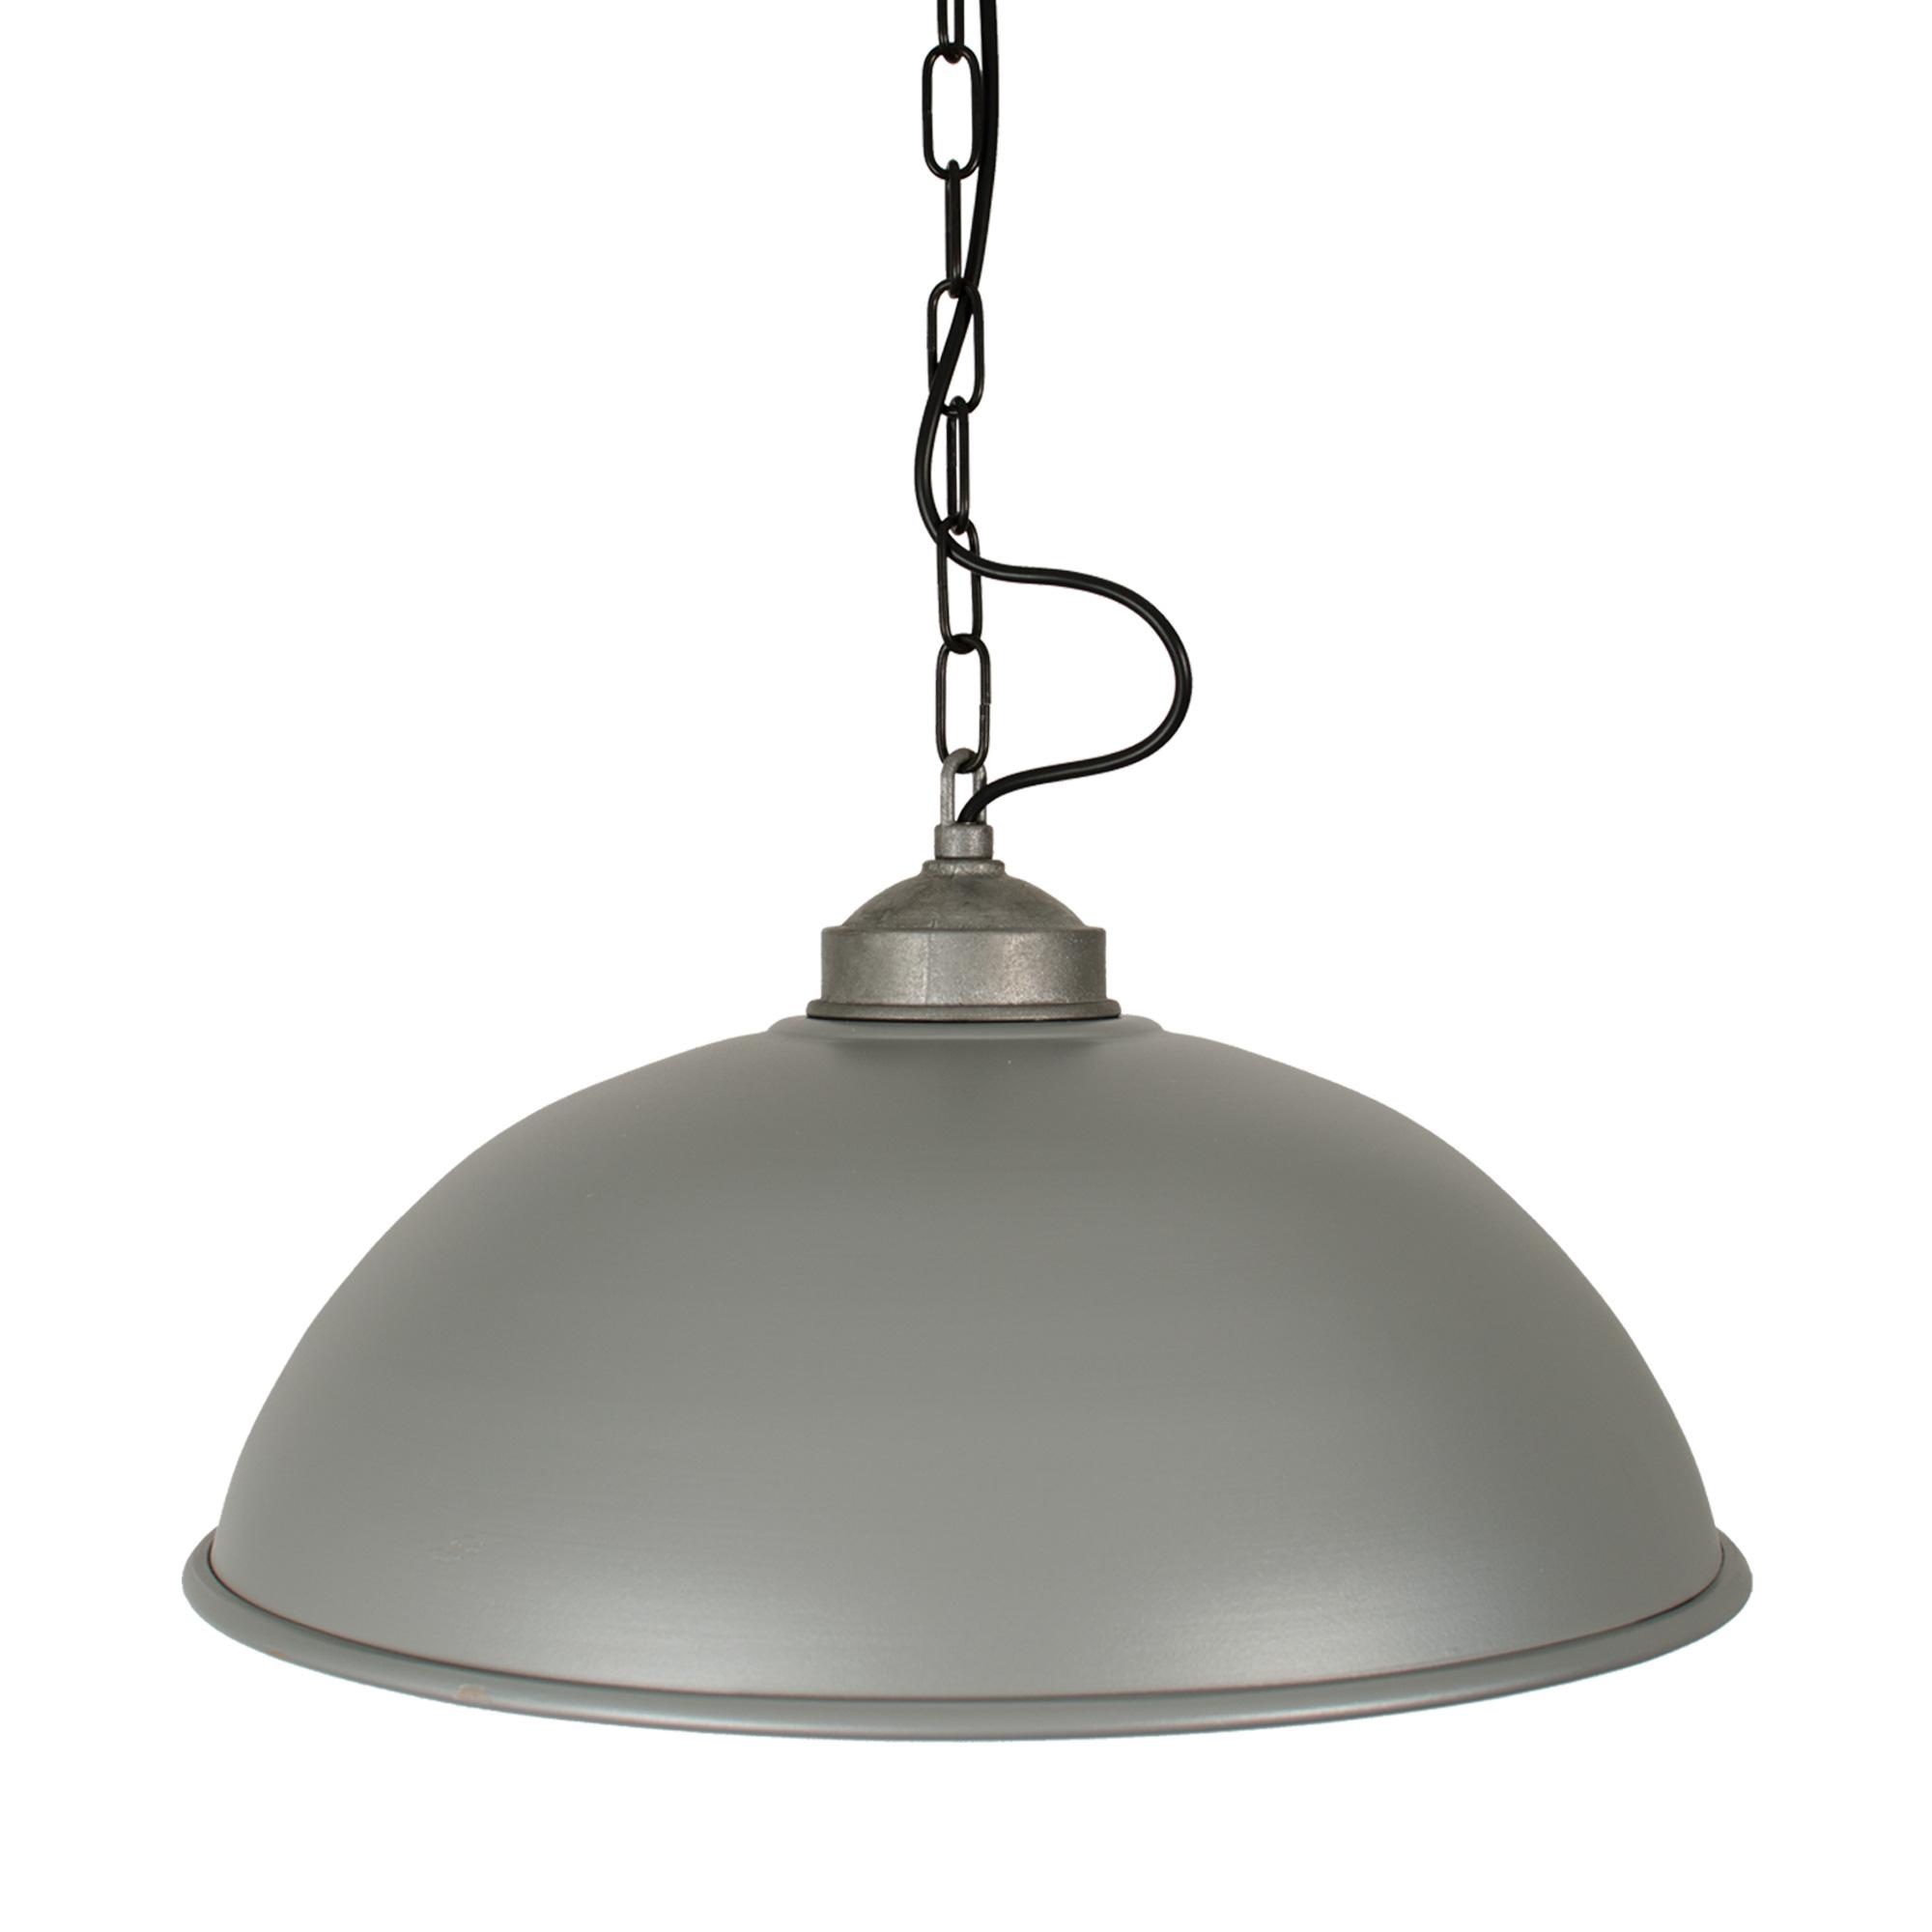 Hanglamp Industrial XL Ruw Alu.